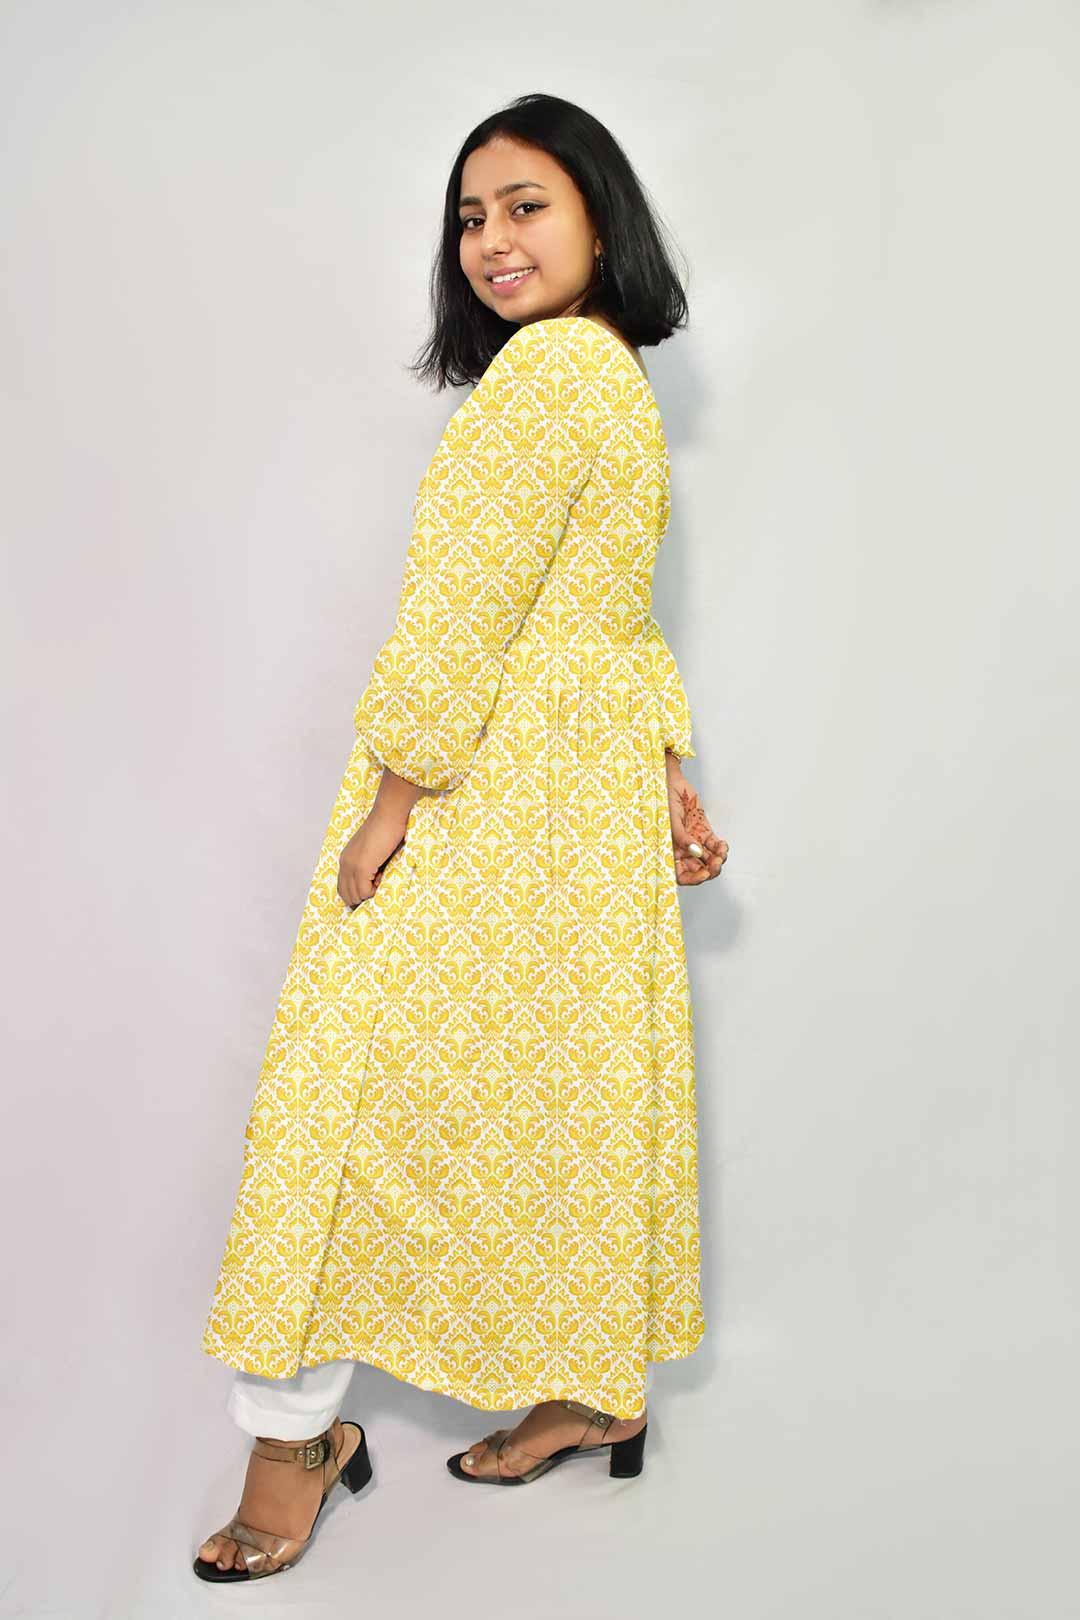 Georgette Frock style Suit – Mustard